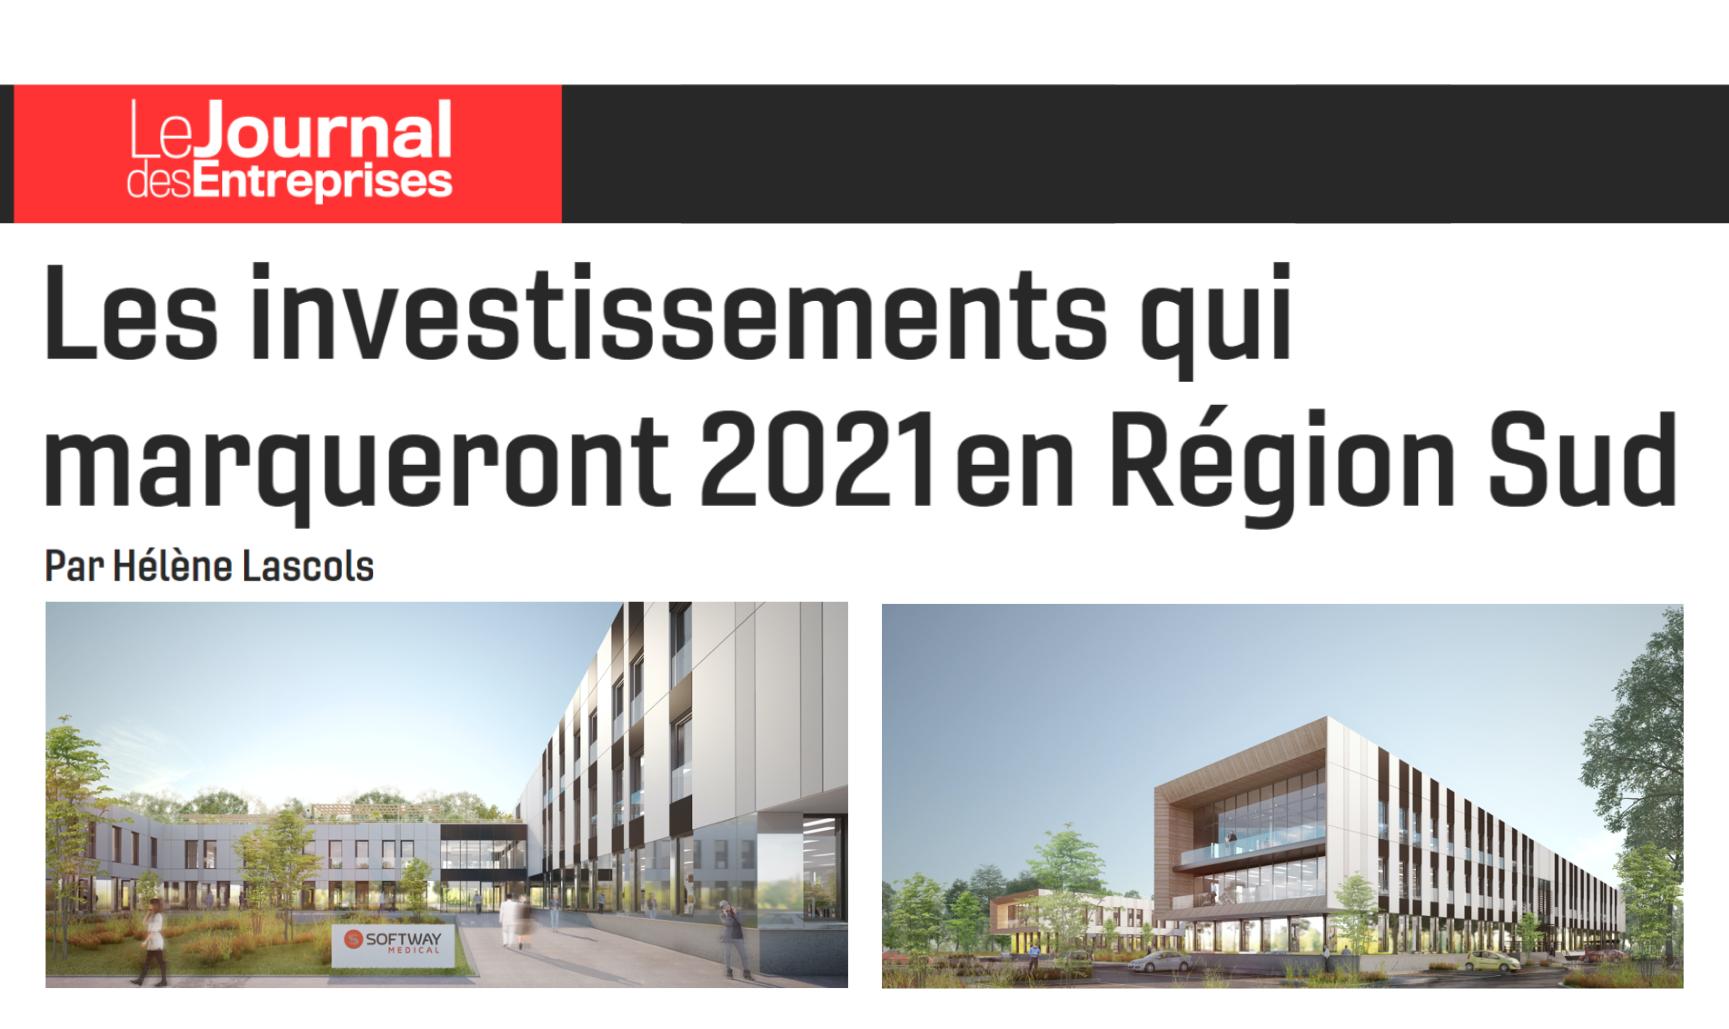 On parle de nous dans Le Journal des Entreprises : Les investissements qui marqueront 2021 en Région Sud !